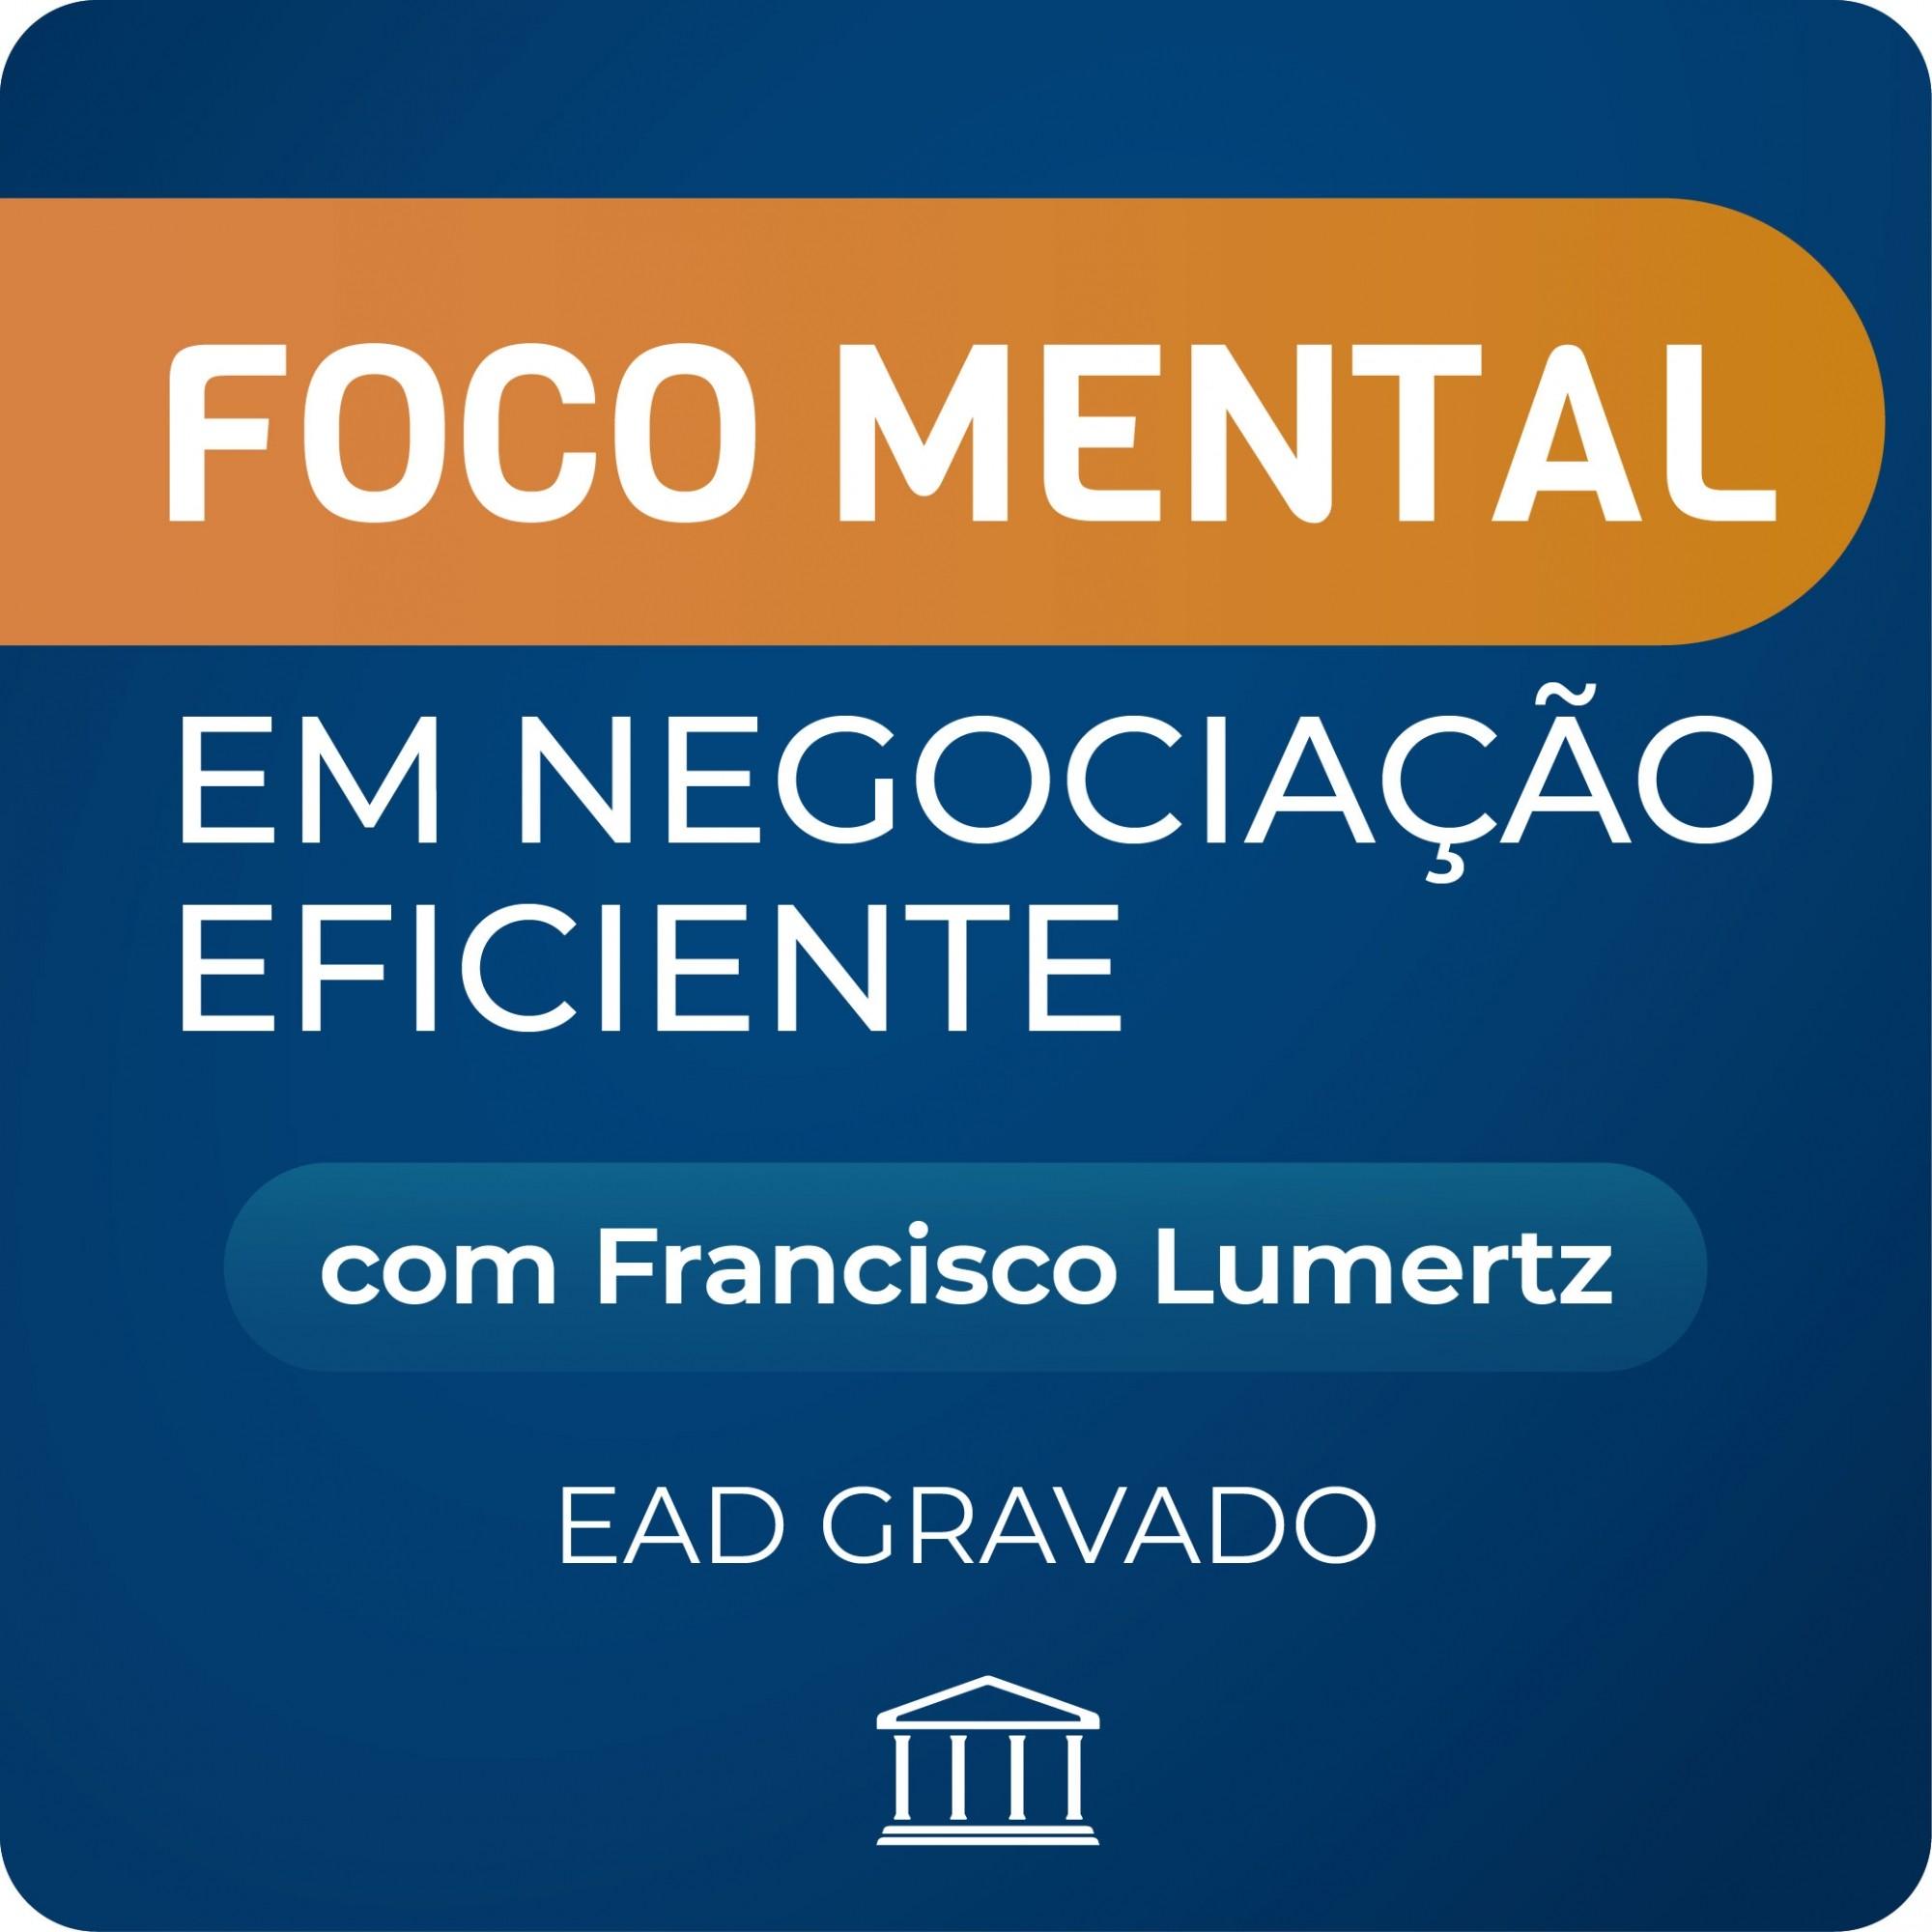 Curso de Negociação Eficiente com Francisco Lumertz - GRAVADO  - Voz e Dados